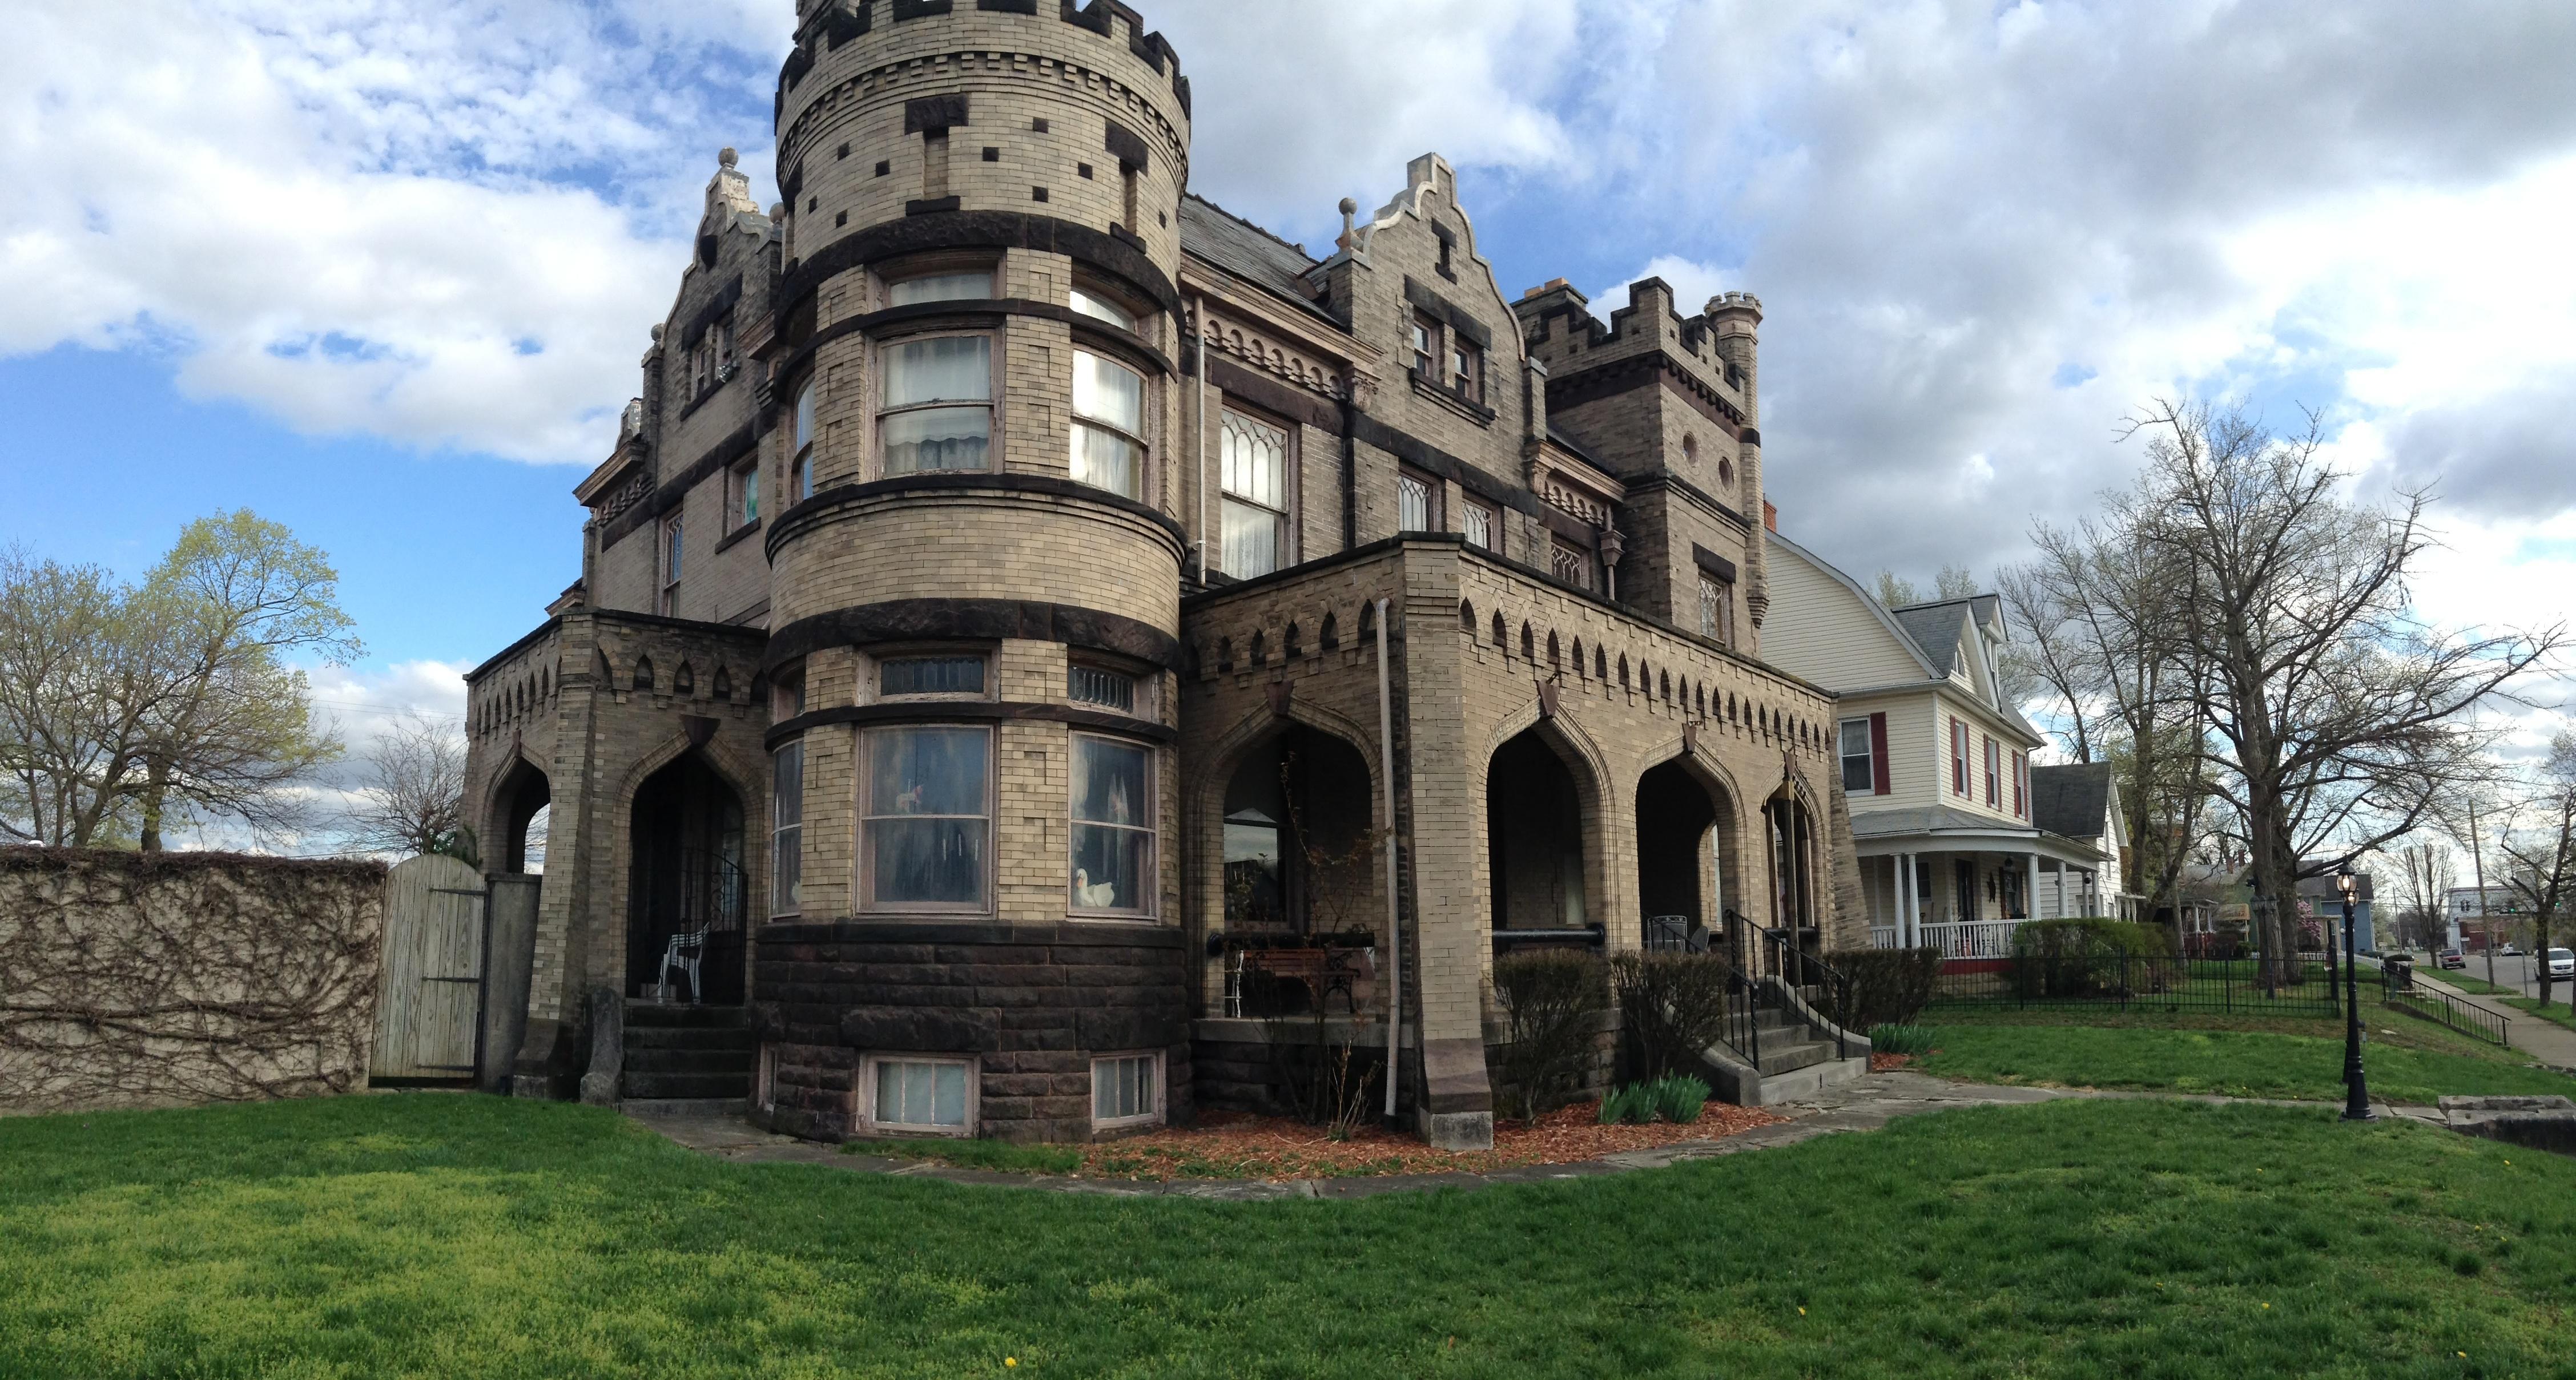 7 More Small Castles Hiding In Ohio